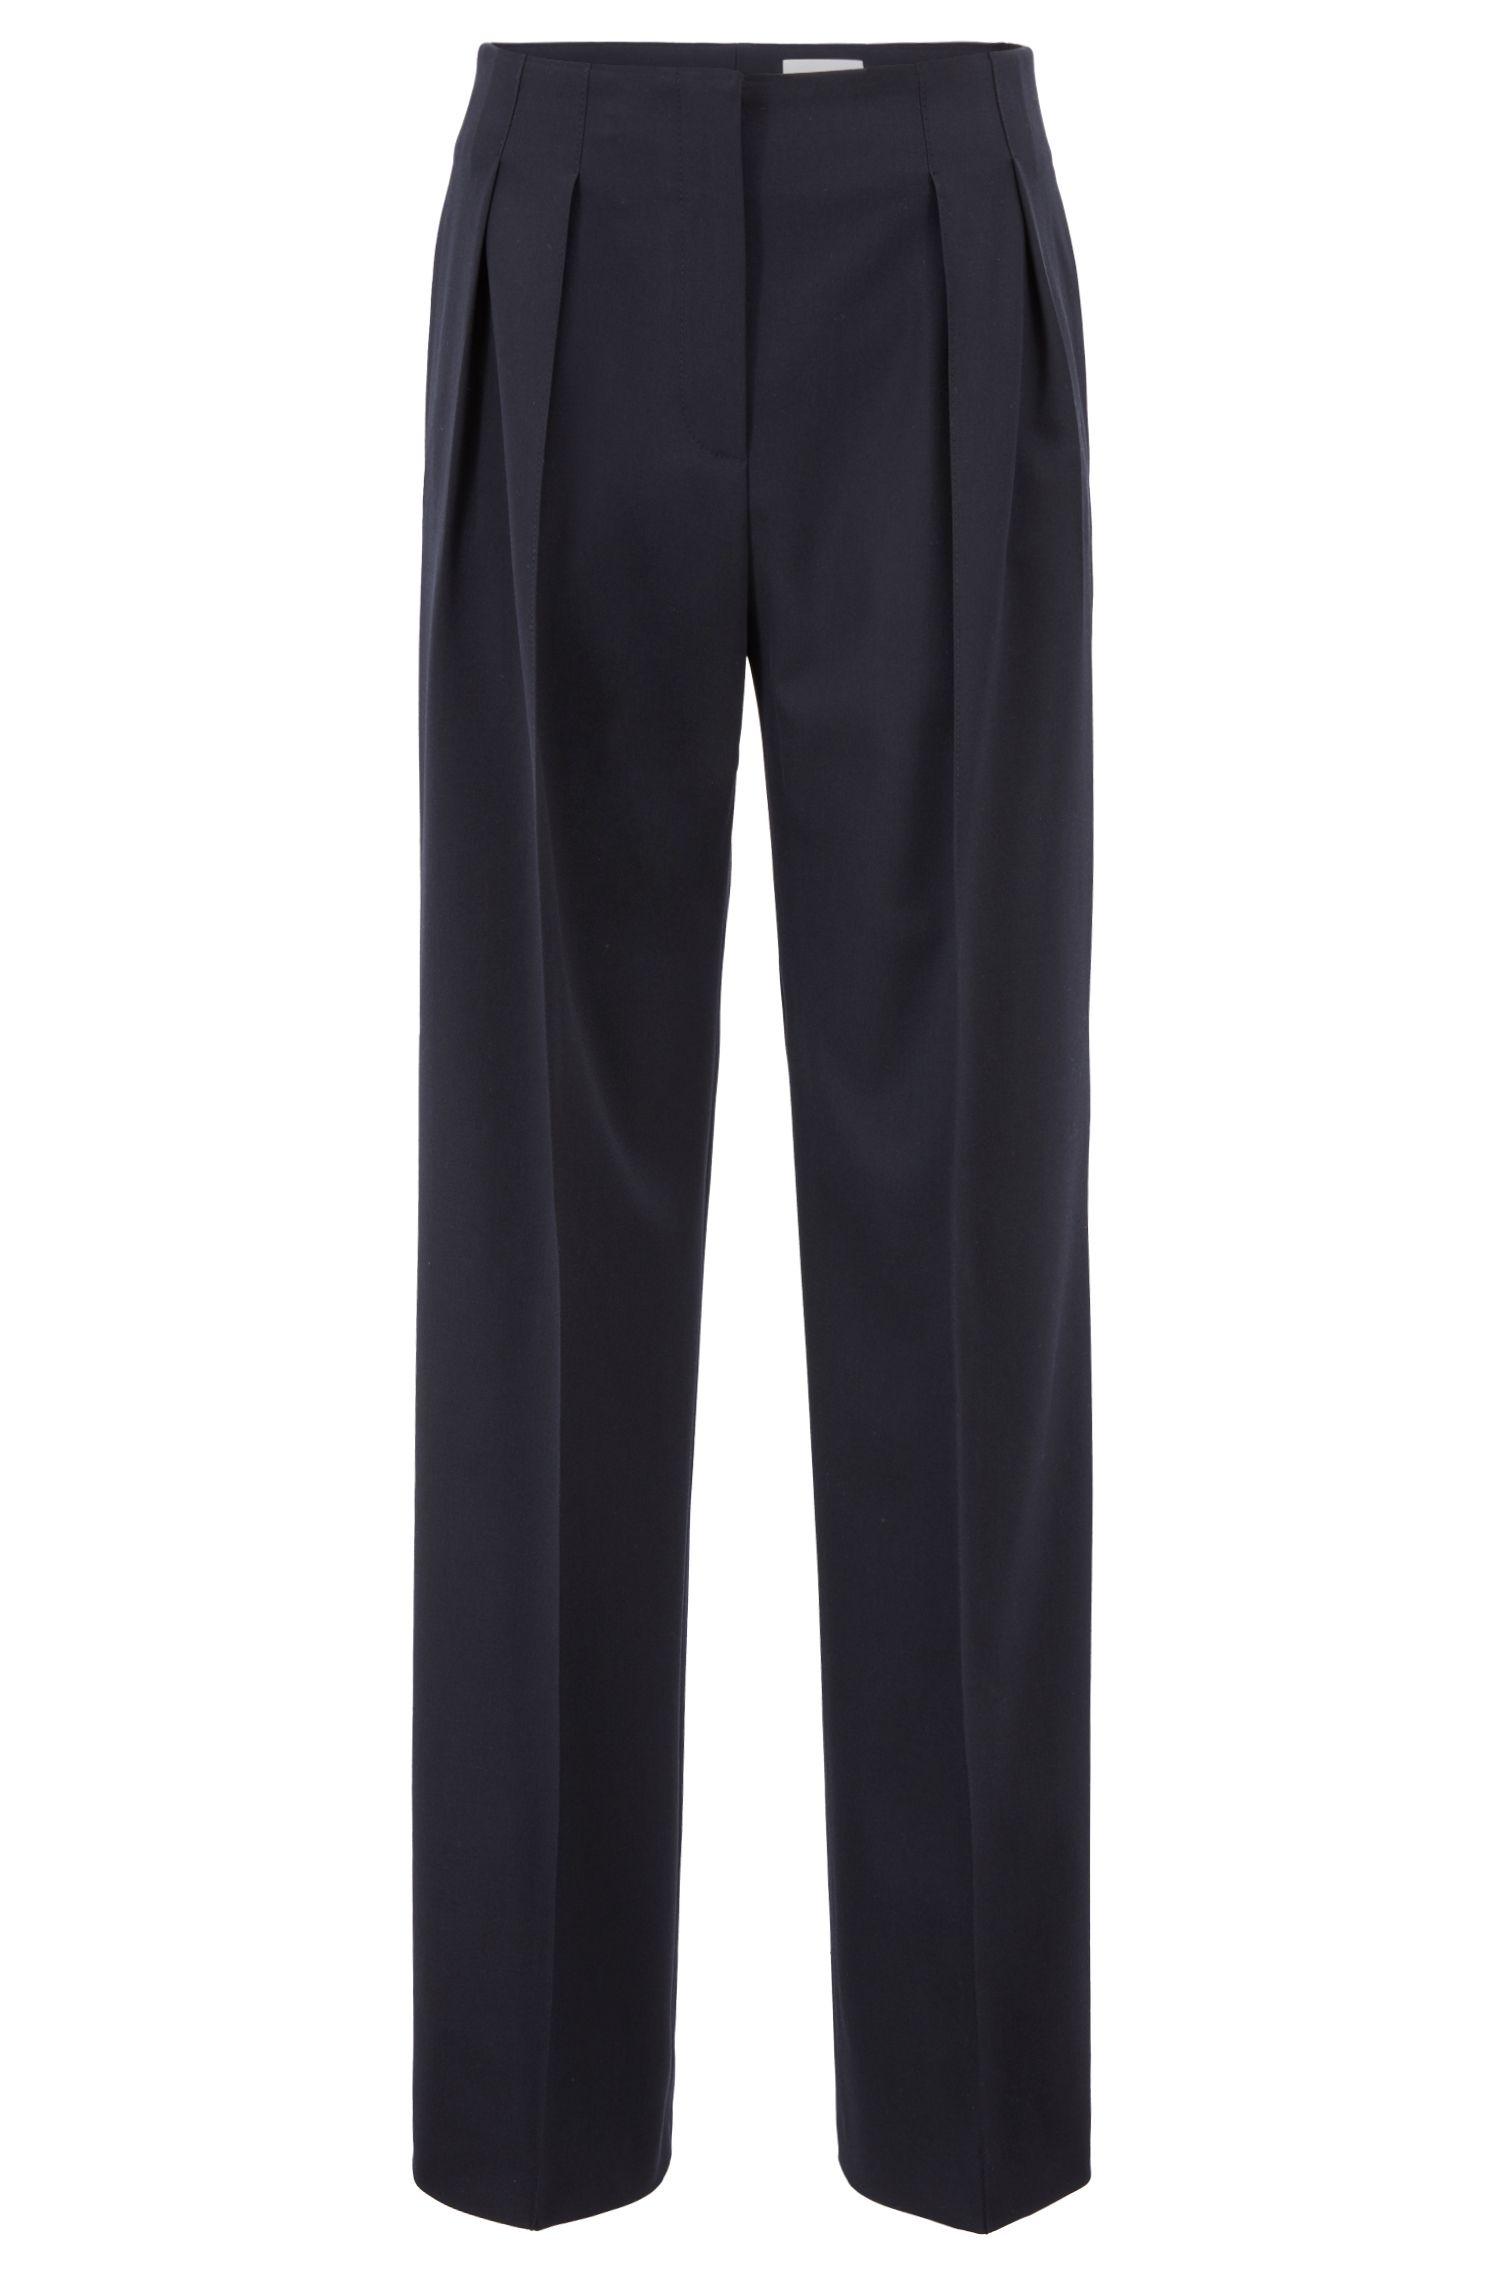 Pantaloni a gamba larga della Collezione Gallery con vita stile Hollywood, Blu scuro